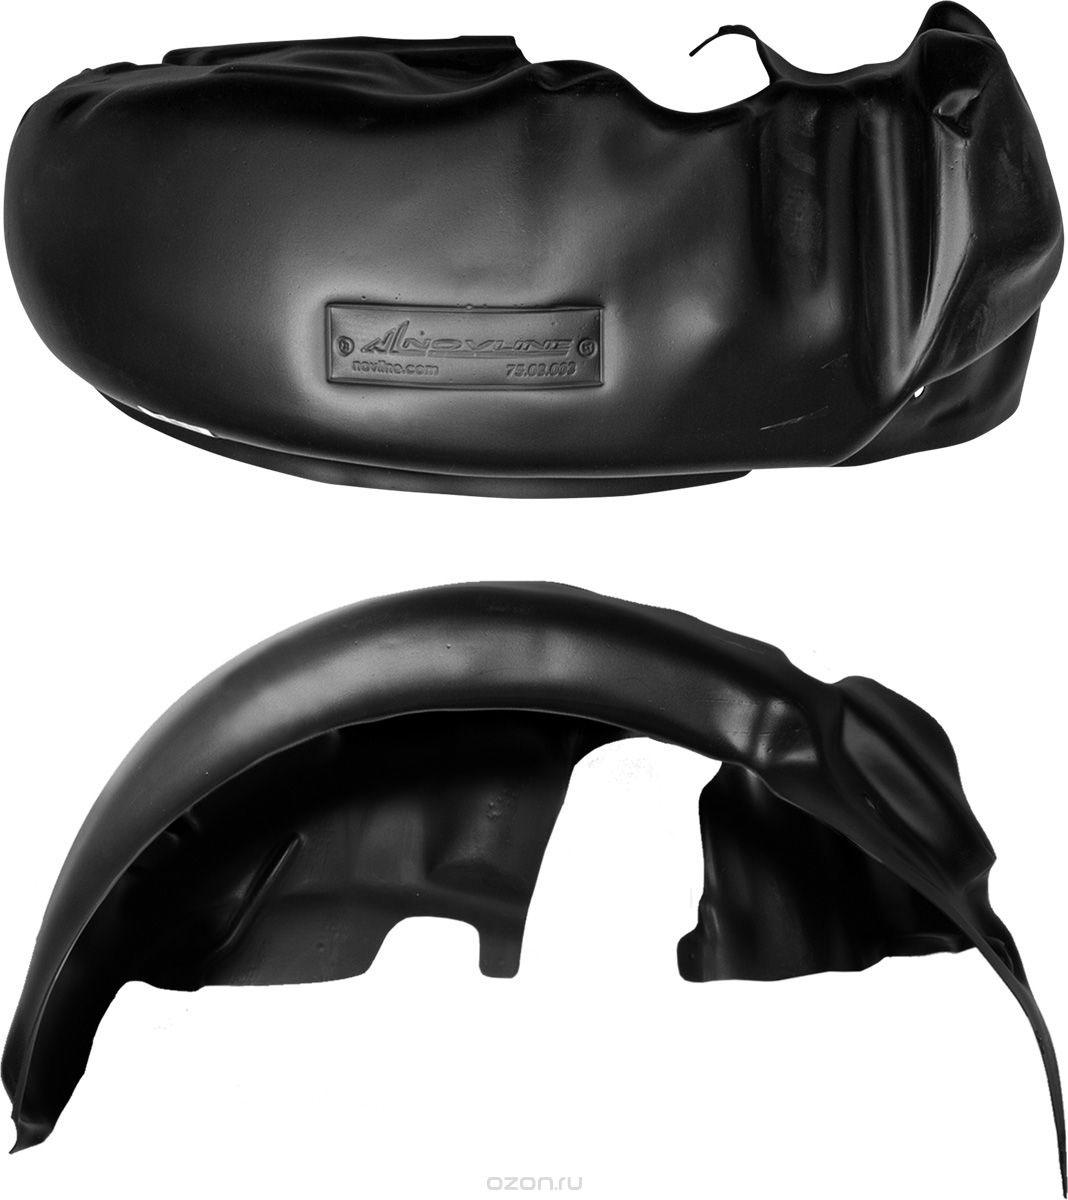 Подкрылок Novline-Autofamily, для DAEWOO Matiz 2005->, передний правый001902Подкрылок Novline-Autofamily - идеальная защита колесной ниши. Локеры разработаны с применением цифровых технологий, гарантируют максимальную повторяемость поверхности арки. Изделия устанавливаются без нарушения лакокрасочного покрытия автомобиля, каждый подкрылок комплектуется крепежом. Уважаемые клиенты, обращаем ваше внимание, что фотографии на подкрылки универсальные и не отражают реальную форму изделия. При этом само изделие идет точно под размер указанного автомобиля.